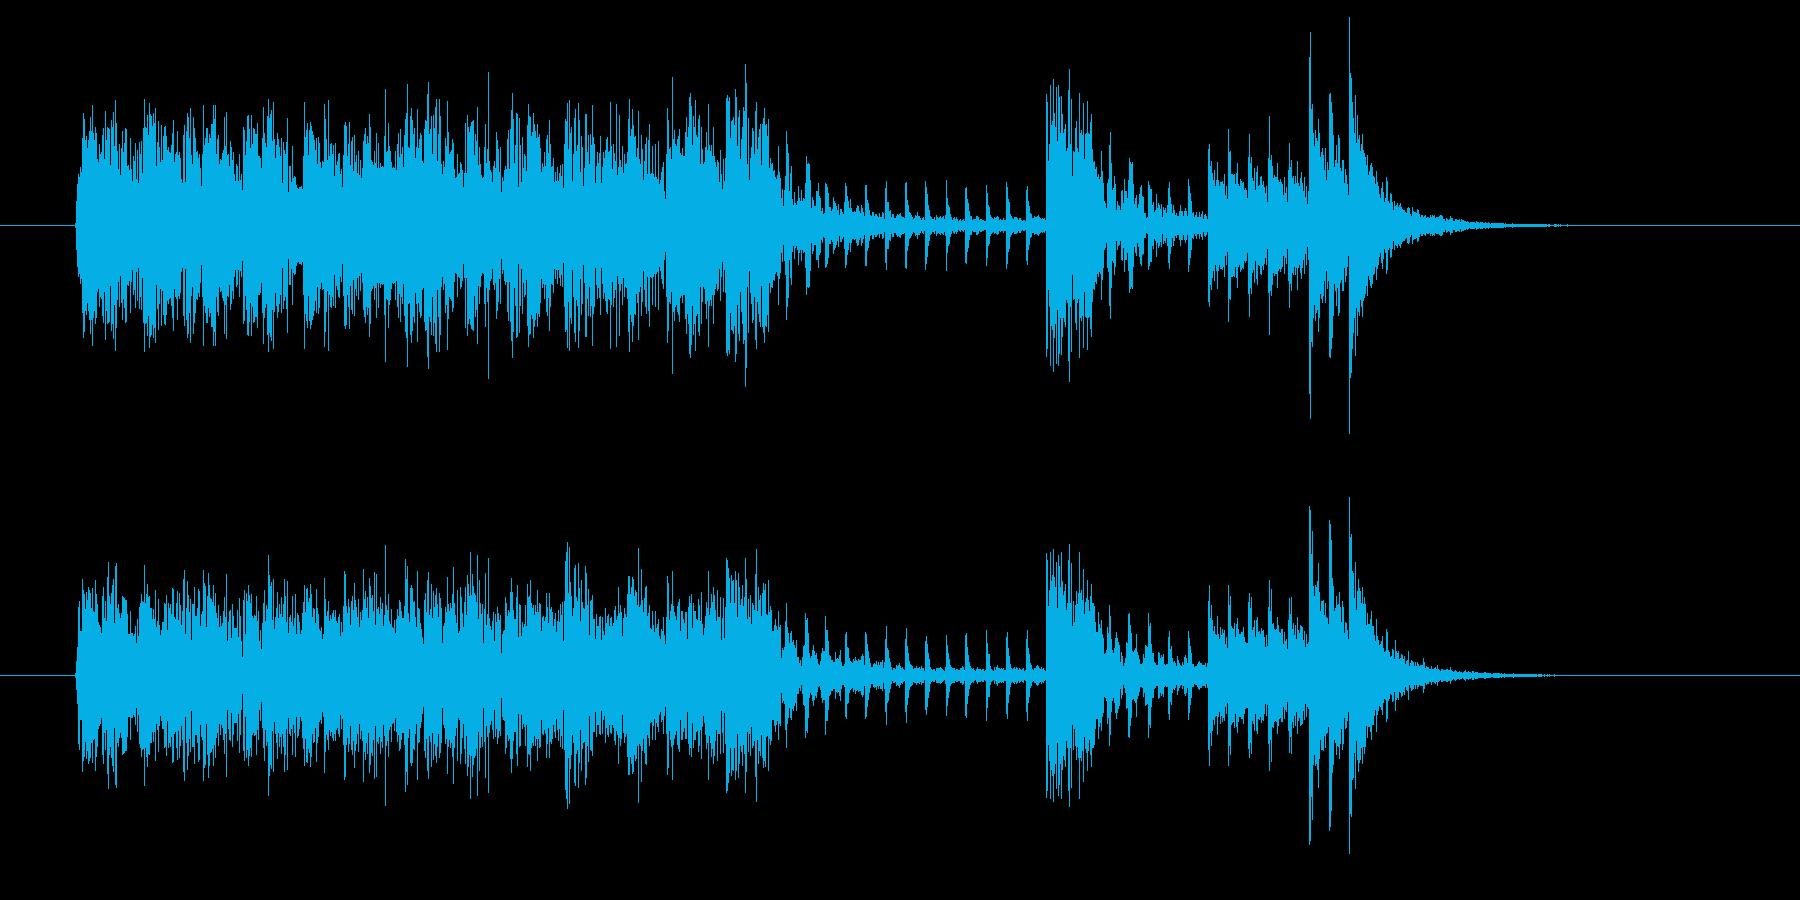 疾走感のあるテクノサウンドの再生済みの波形